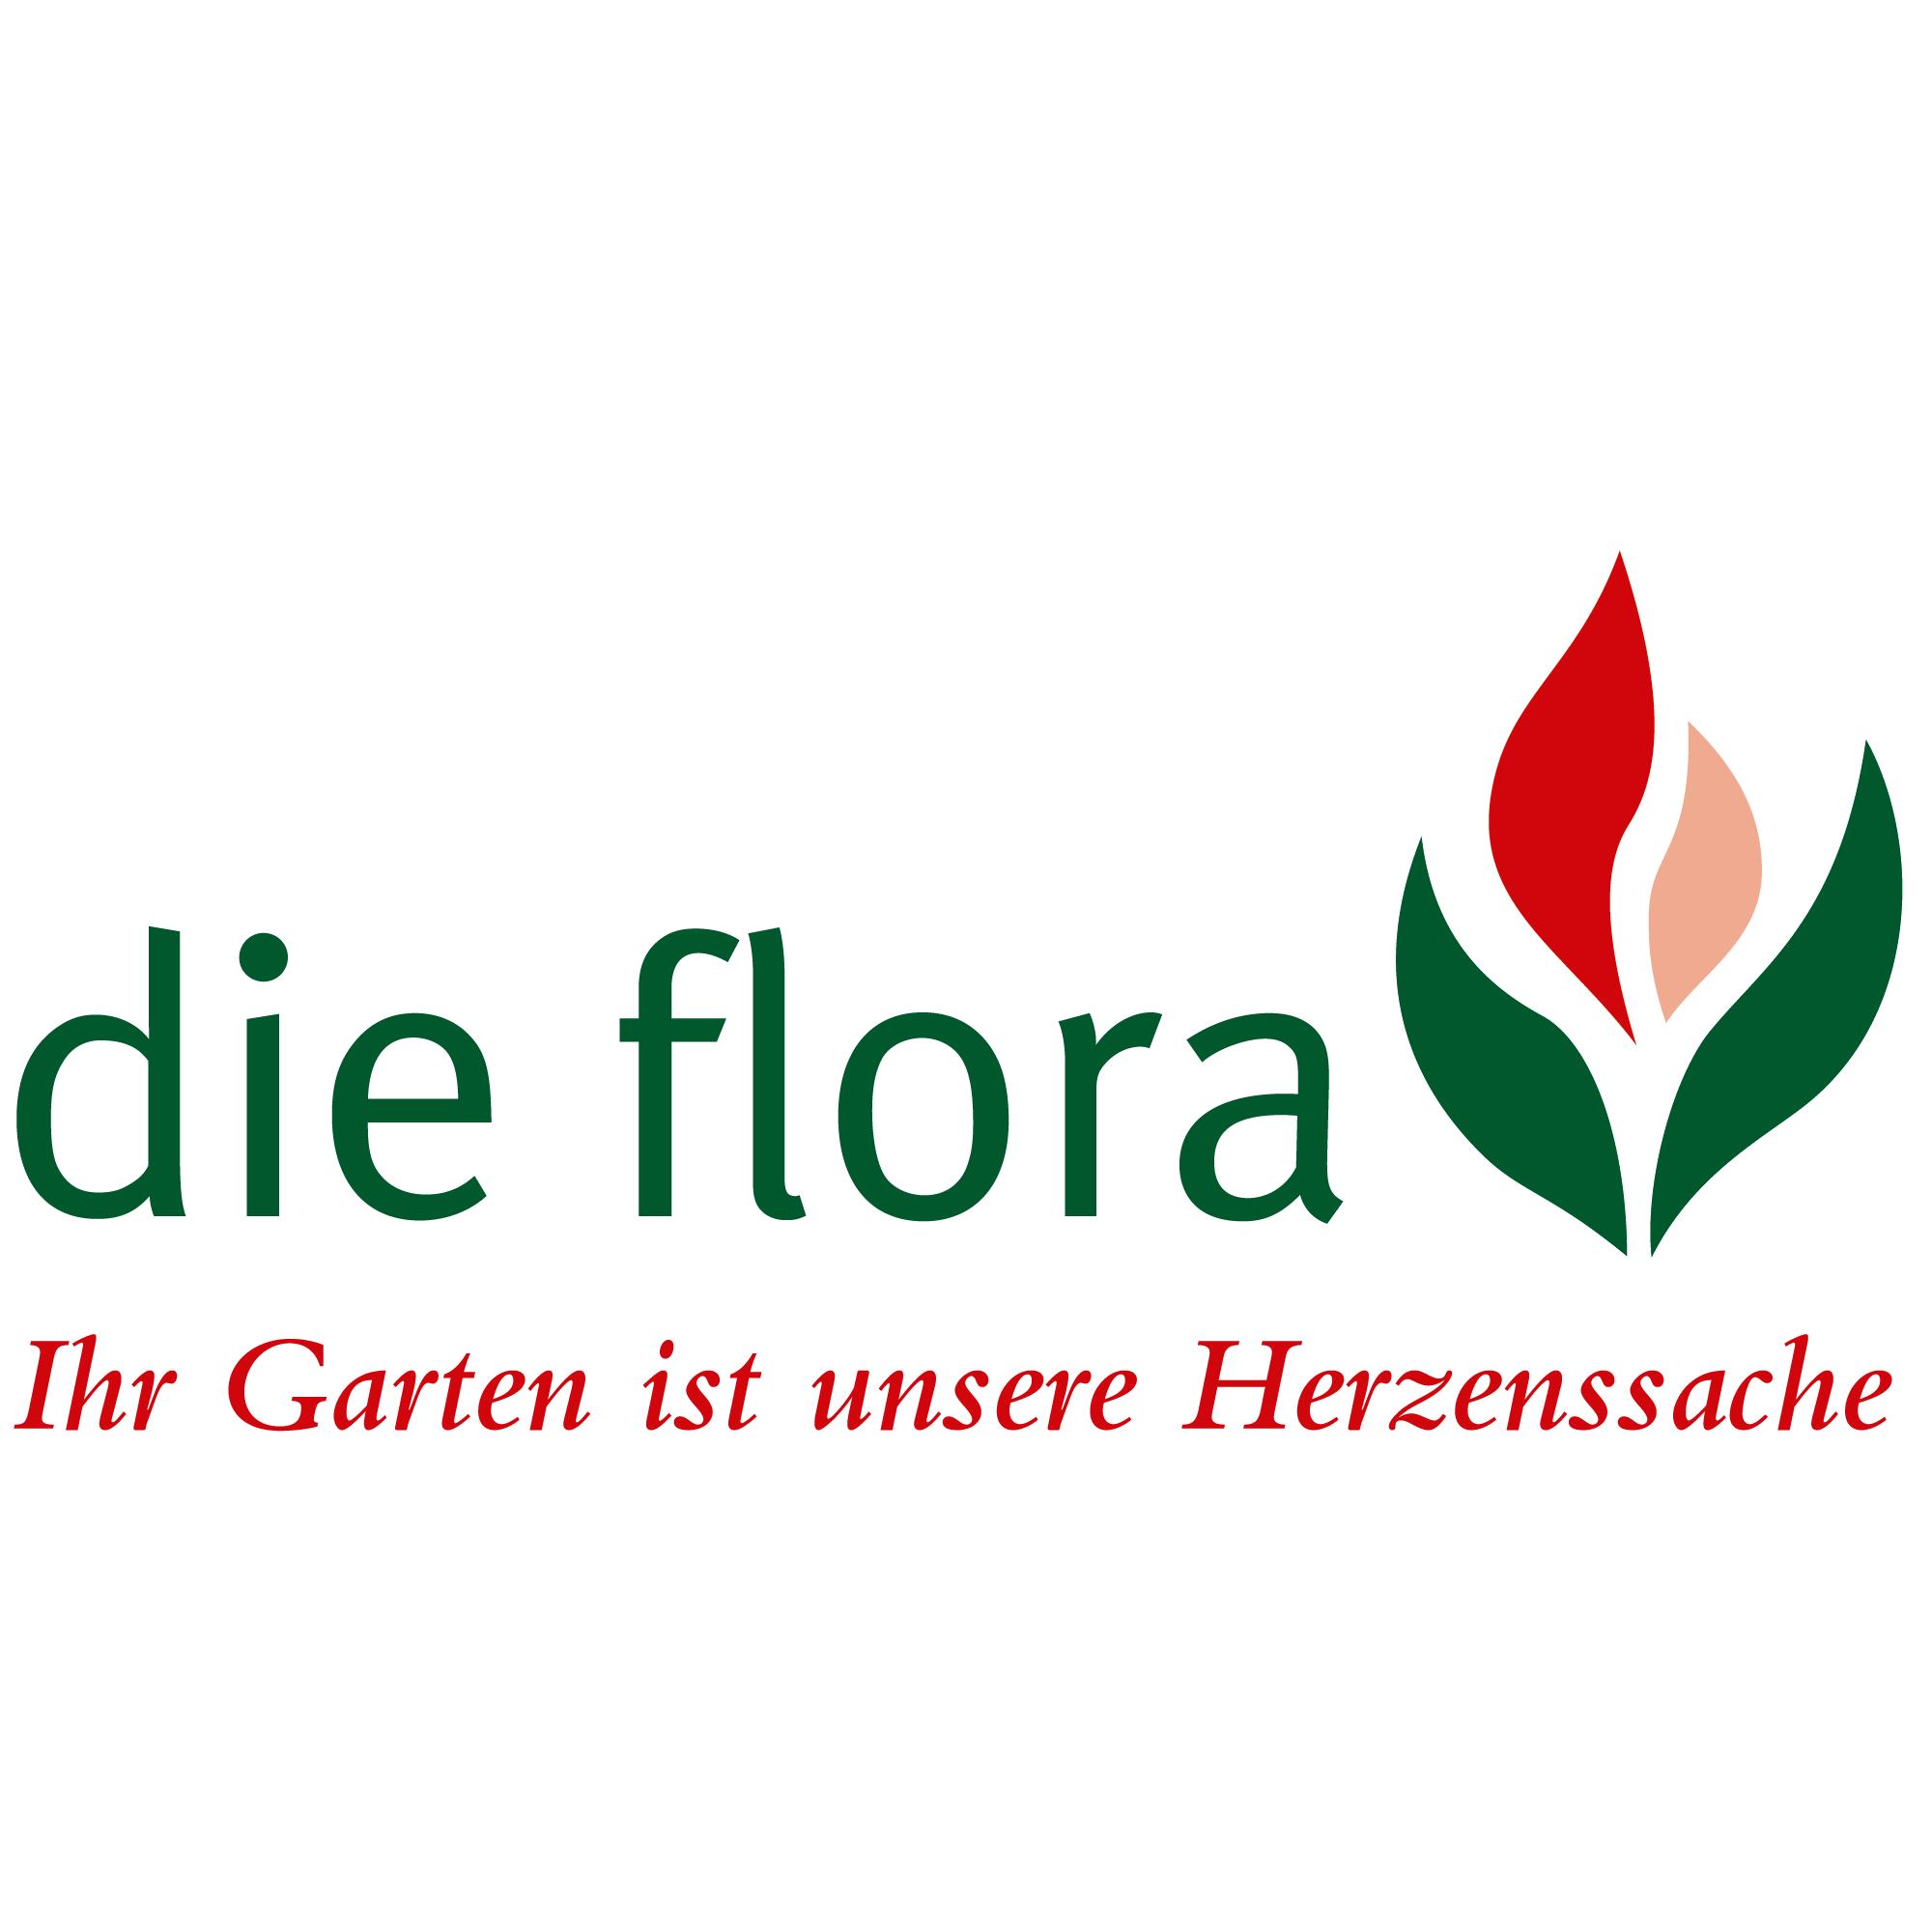 Bild zu die flora GmbH & Co. KG in Essen